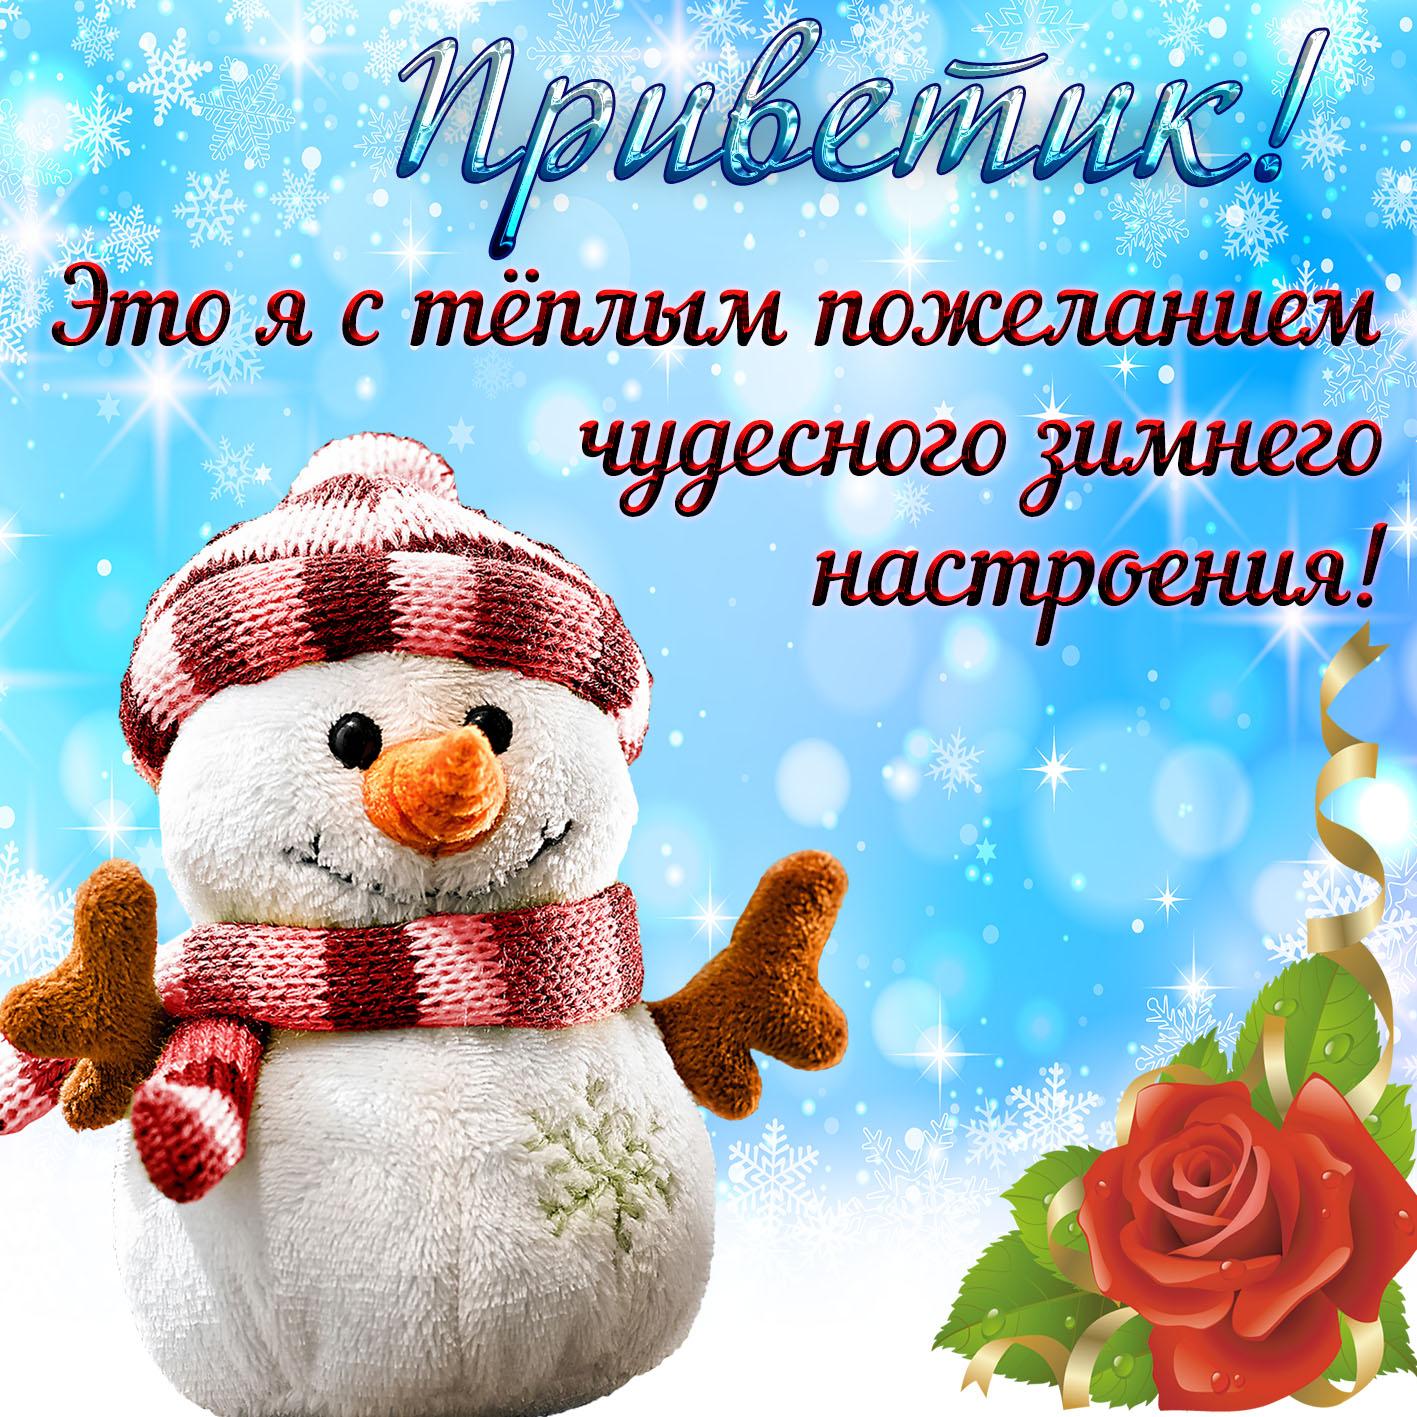 Открытка чудесный зимний день